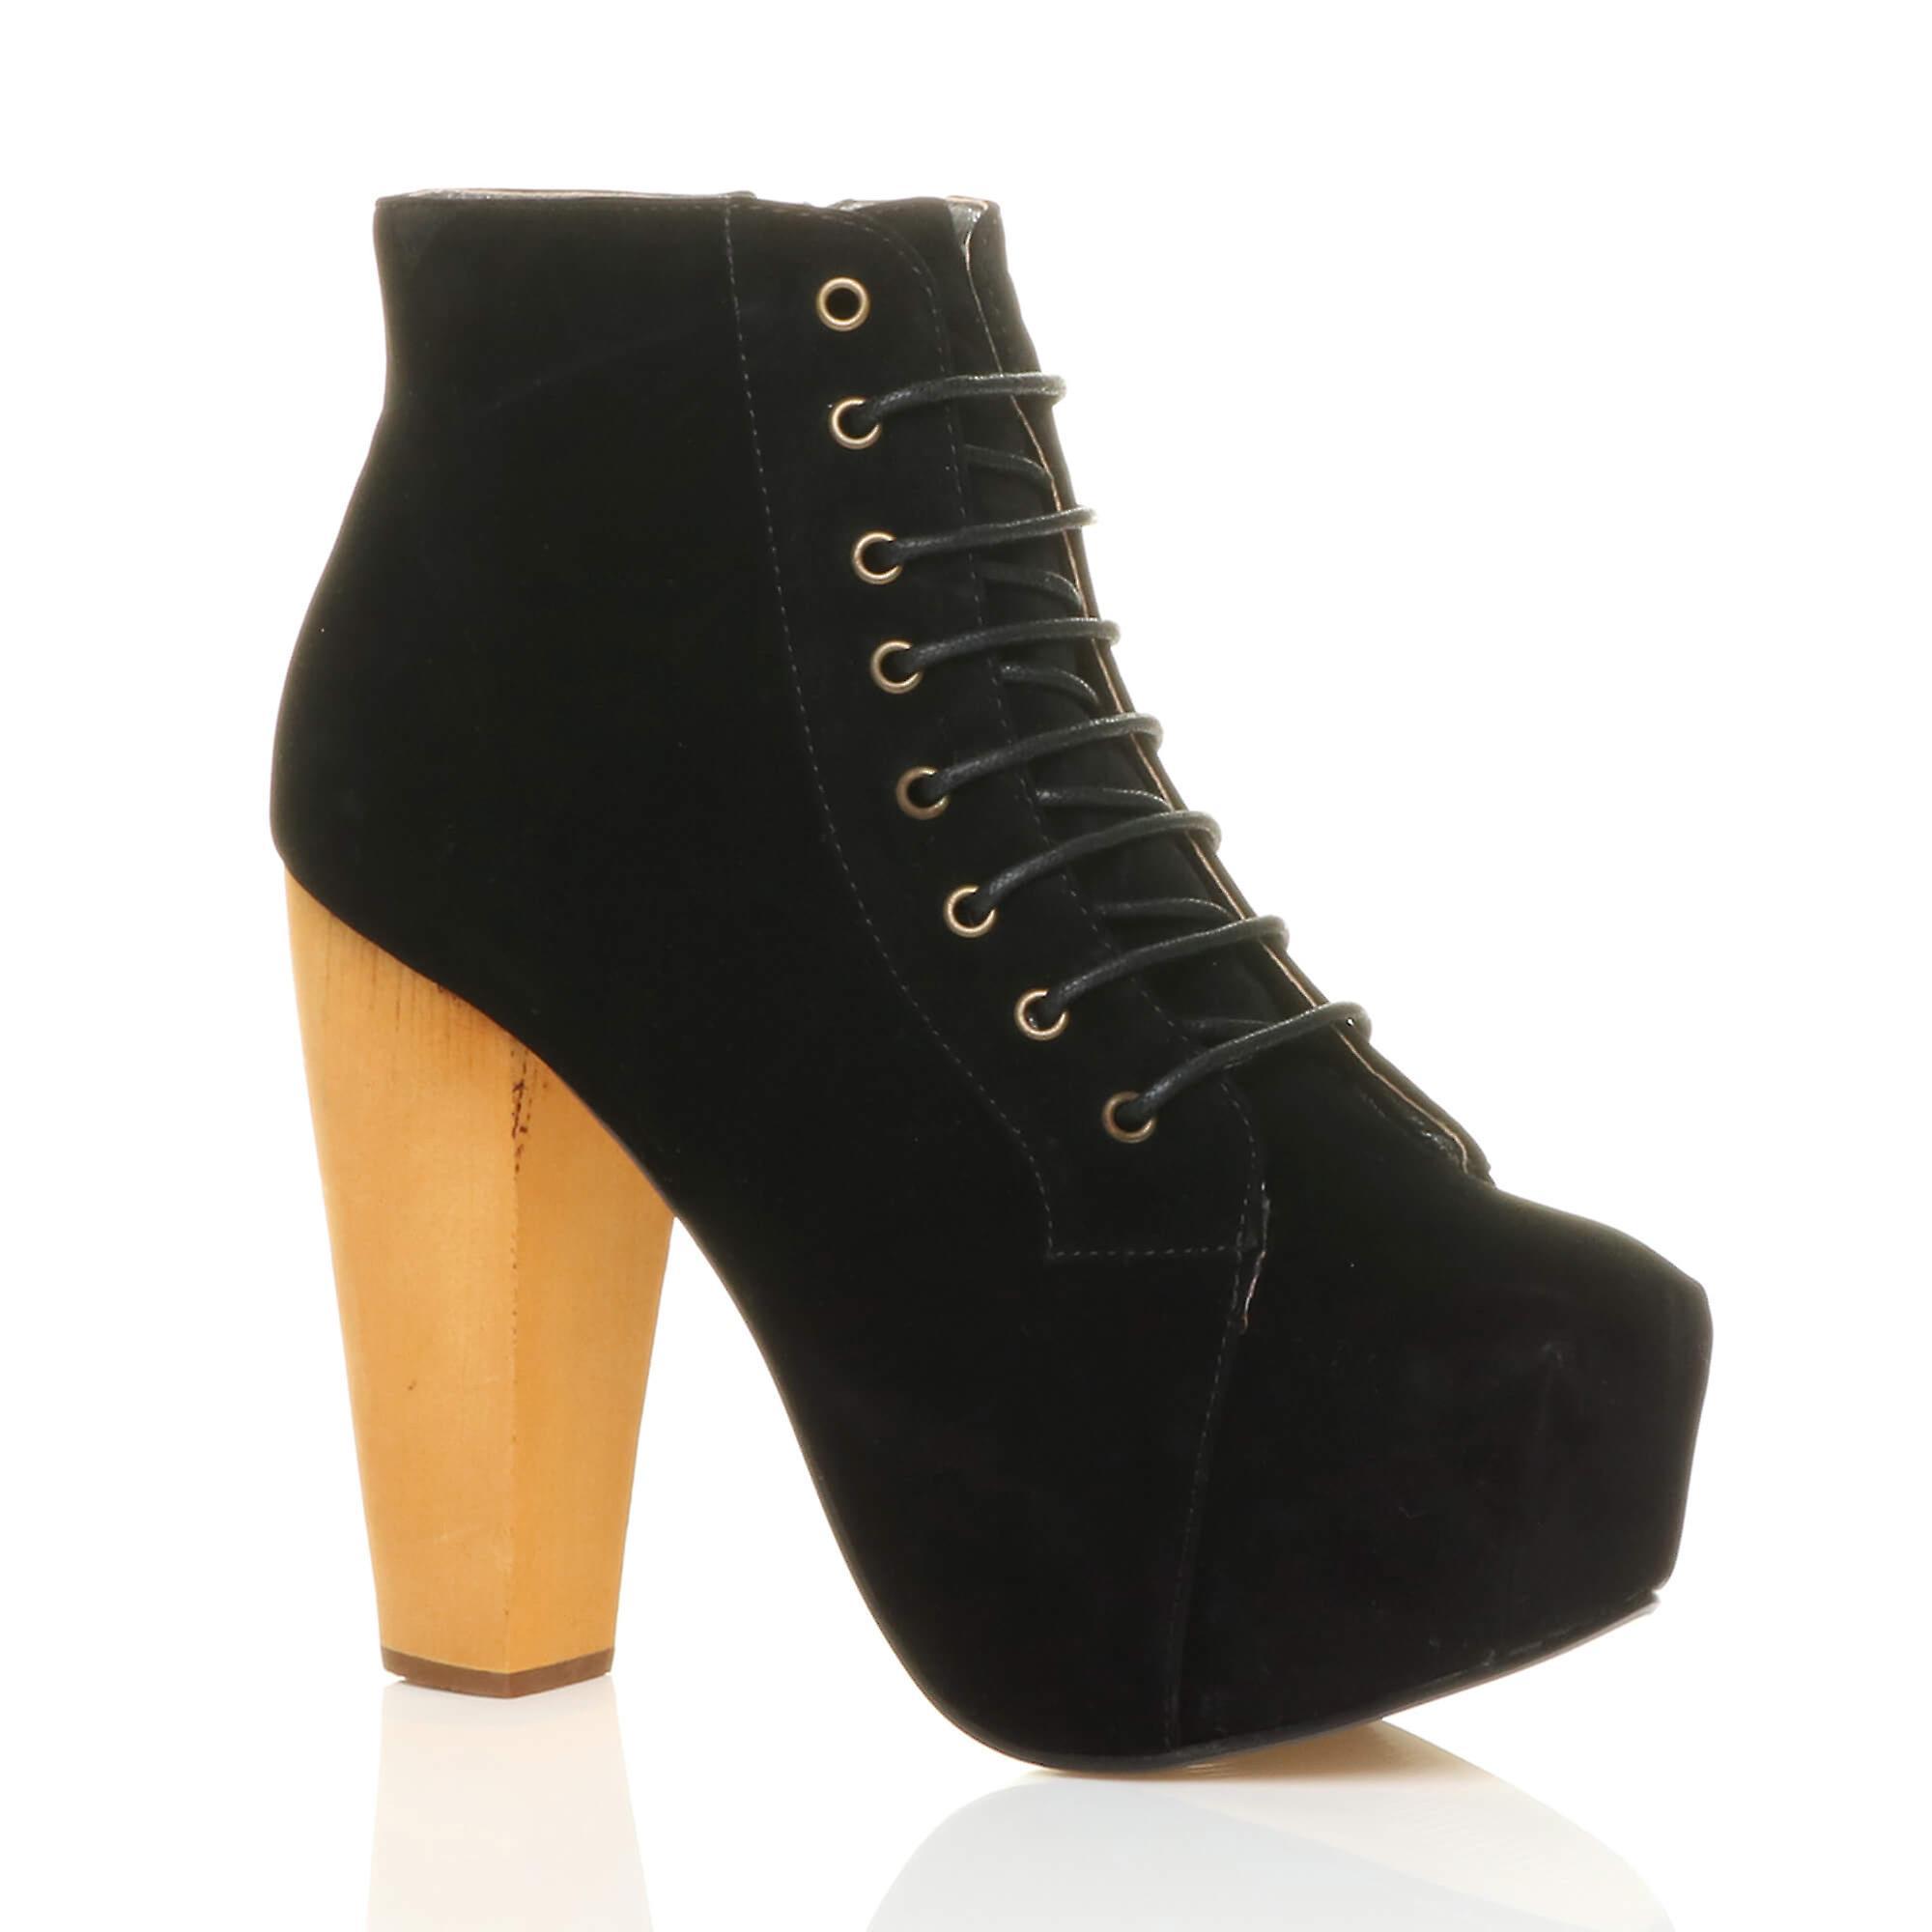 Ajvani damskie zasznurować botki platforma drewniany blok wysoki obcas, buty za kostkę QWZOE